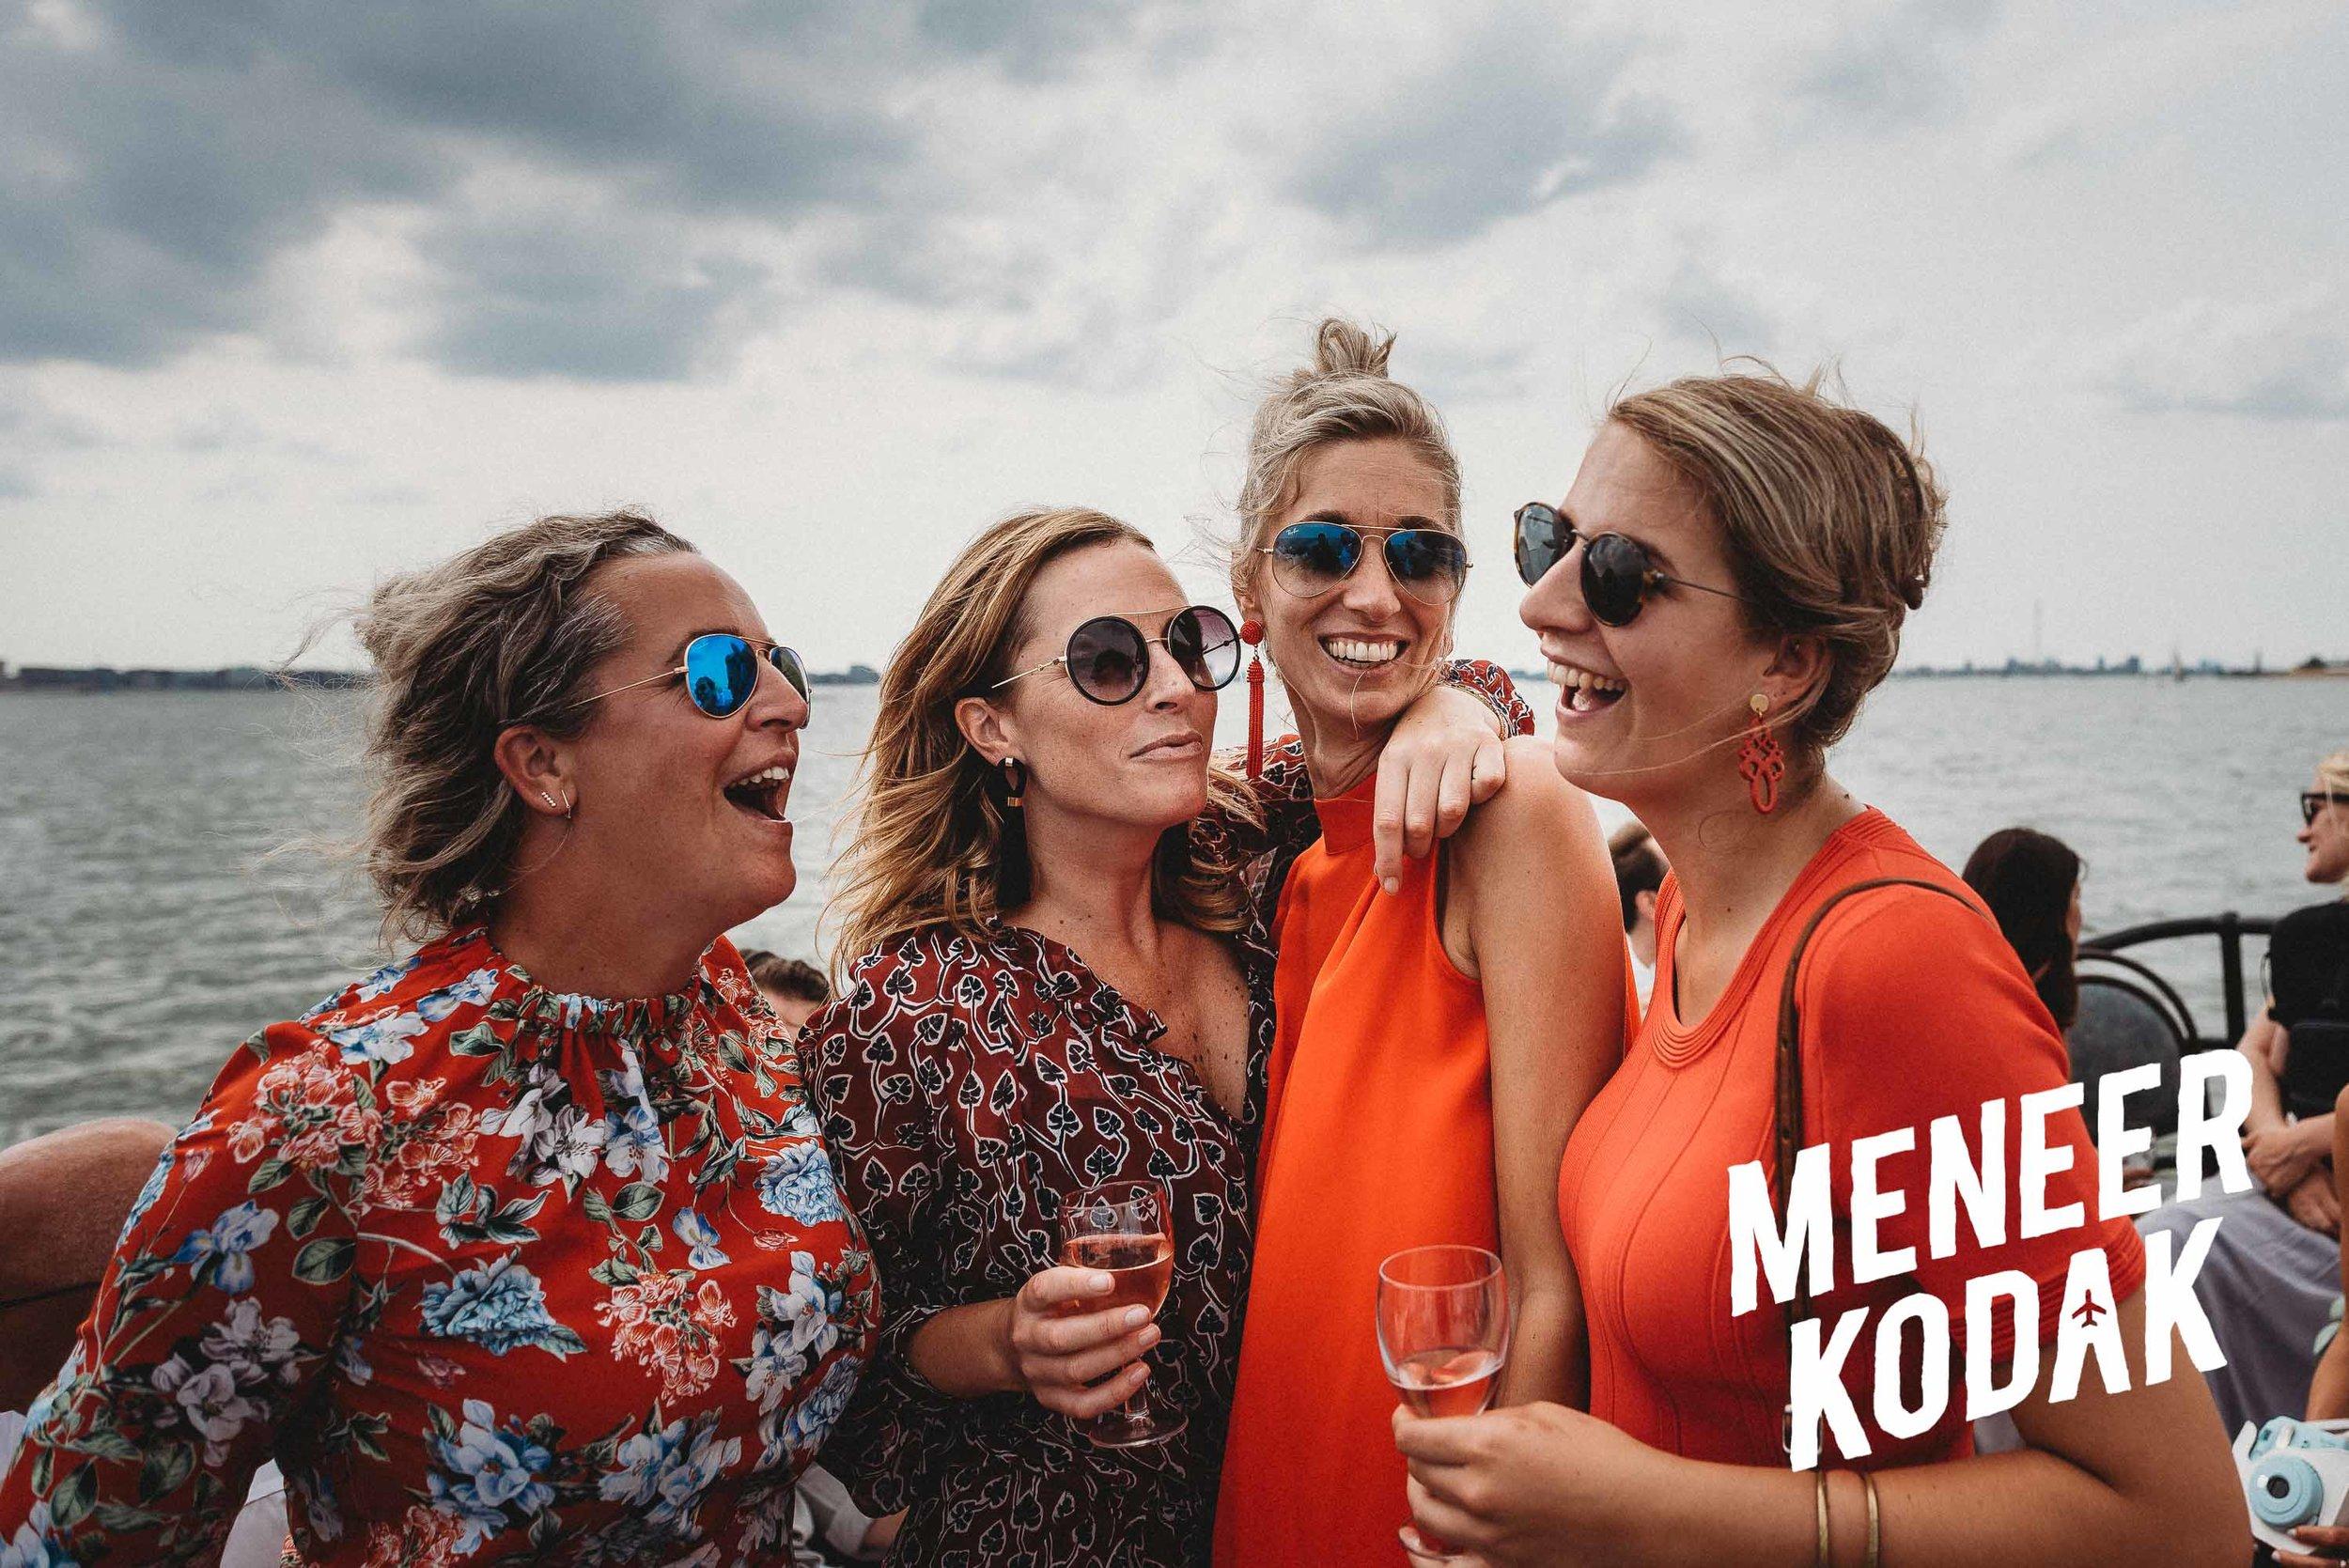 Meneer Kodak - Trouwfotograaf - Amsterdam - H&T-082.jpg